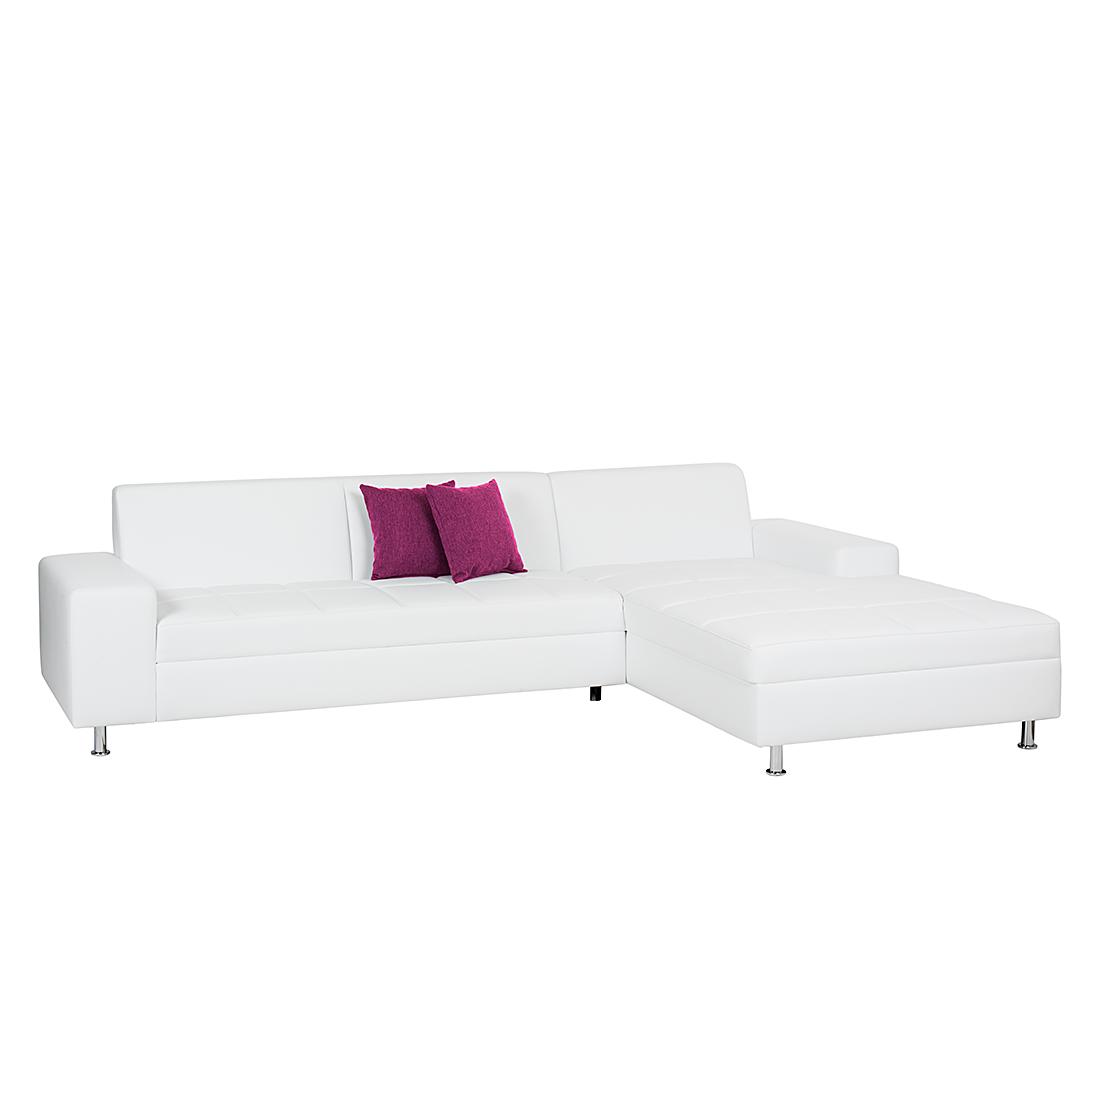 ecksofa kunstleder good with ecksofa kunstleder ecksofa. Black Bedroom Furniture Sets. Home Design Ideas